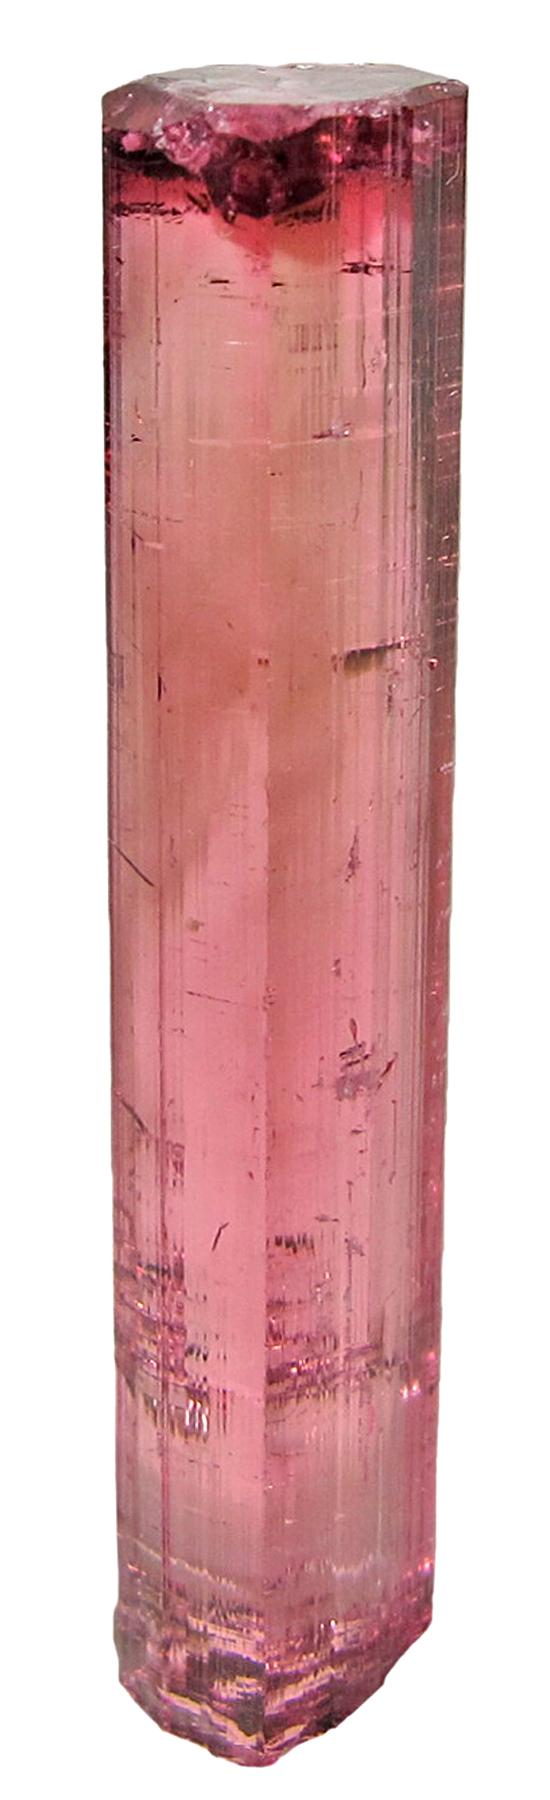 A limpid glassy gemmy raspberry red elbaite crystal It bi pyramidal